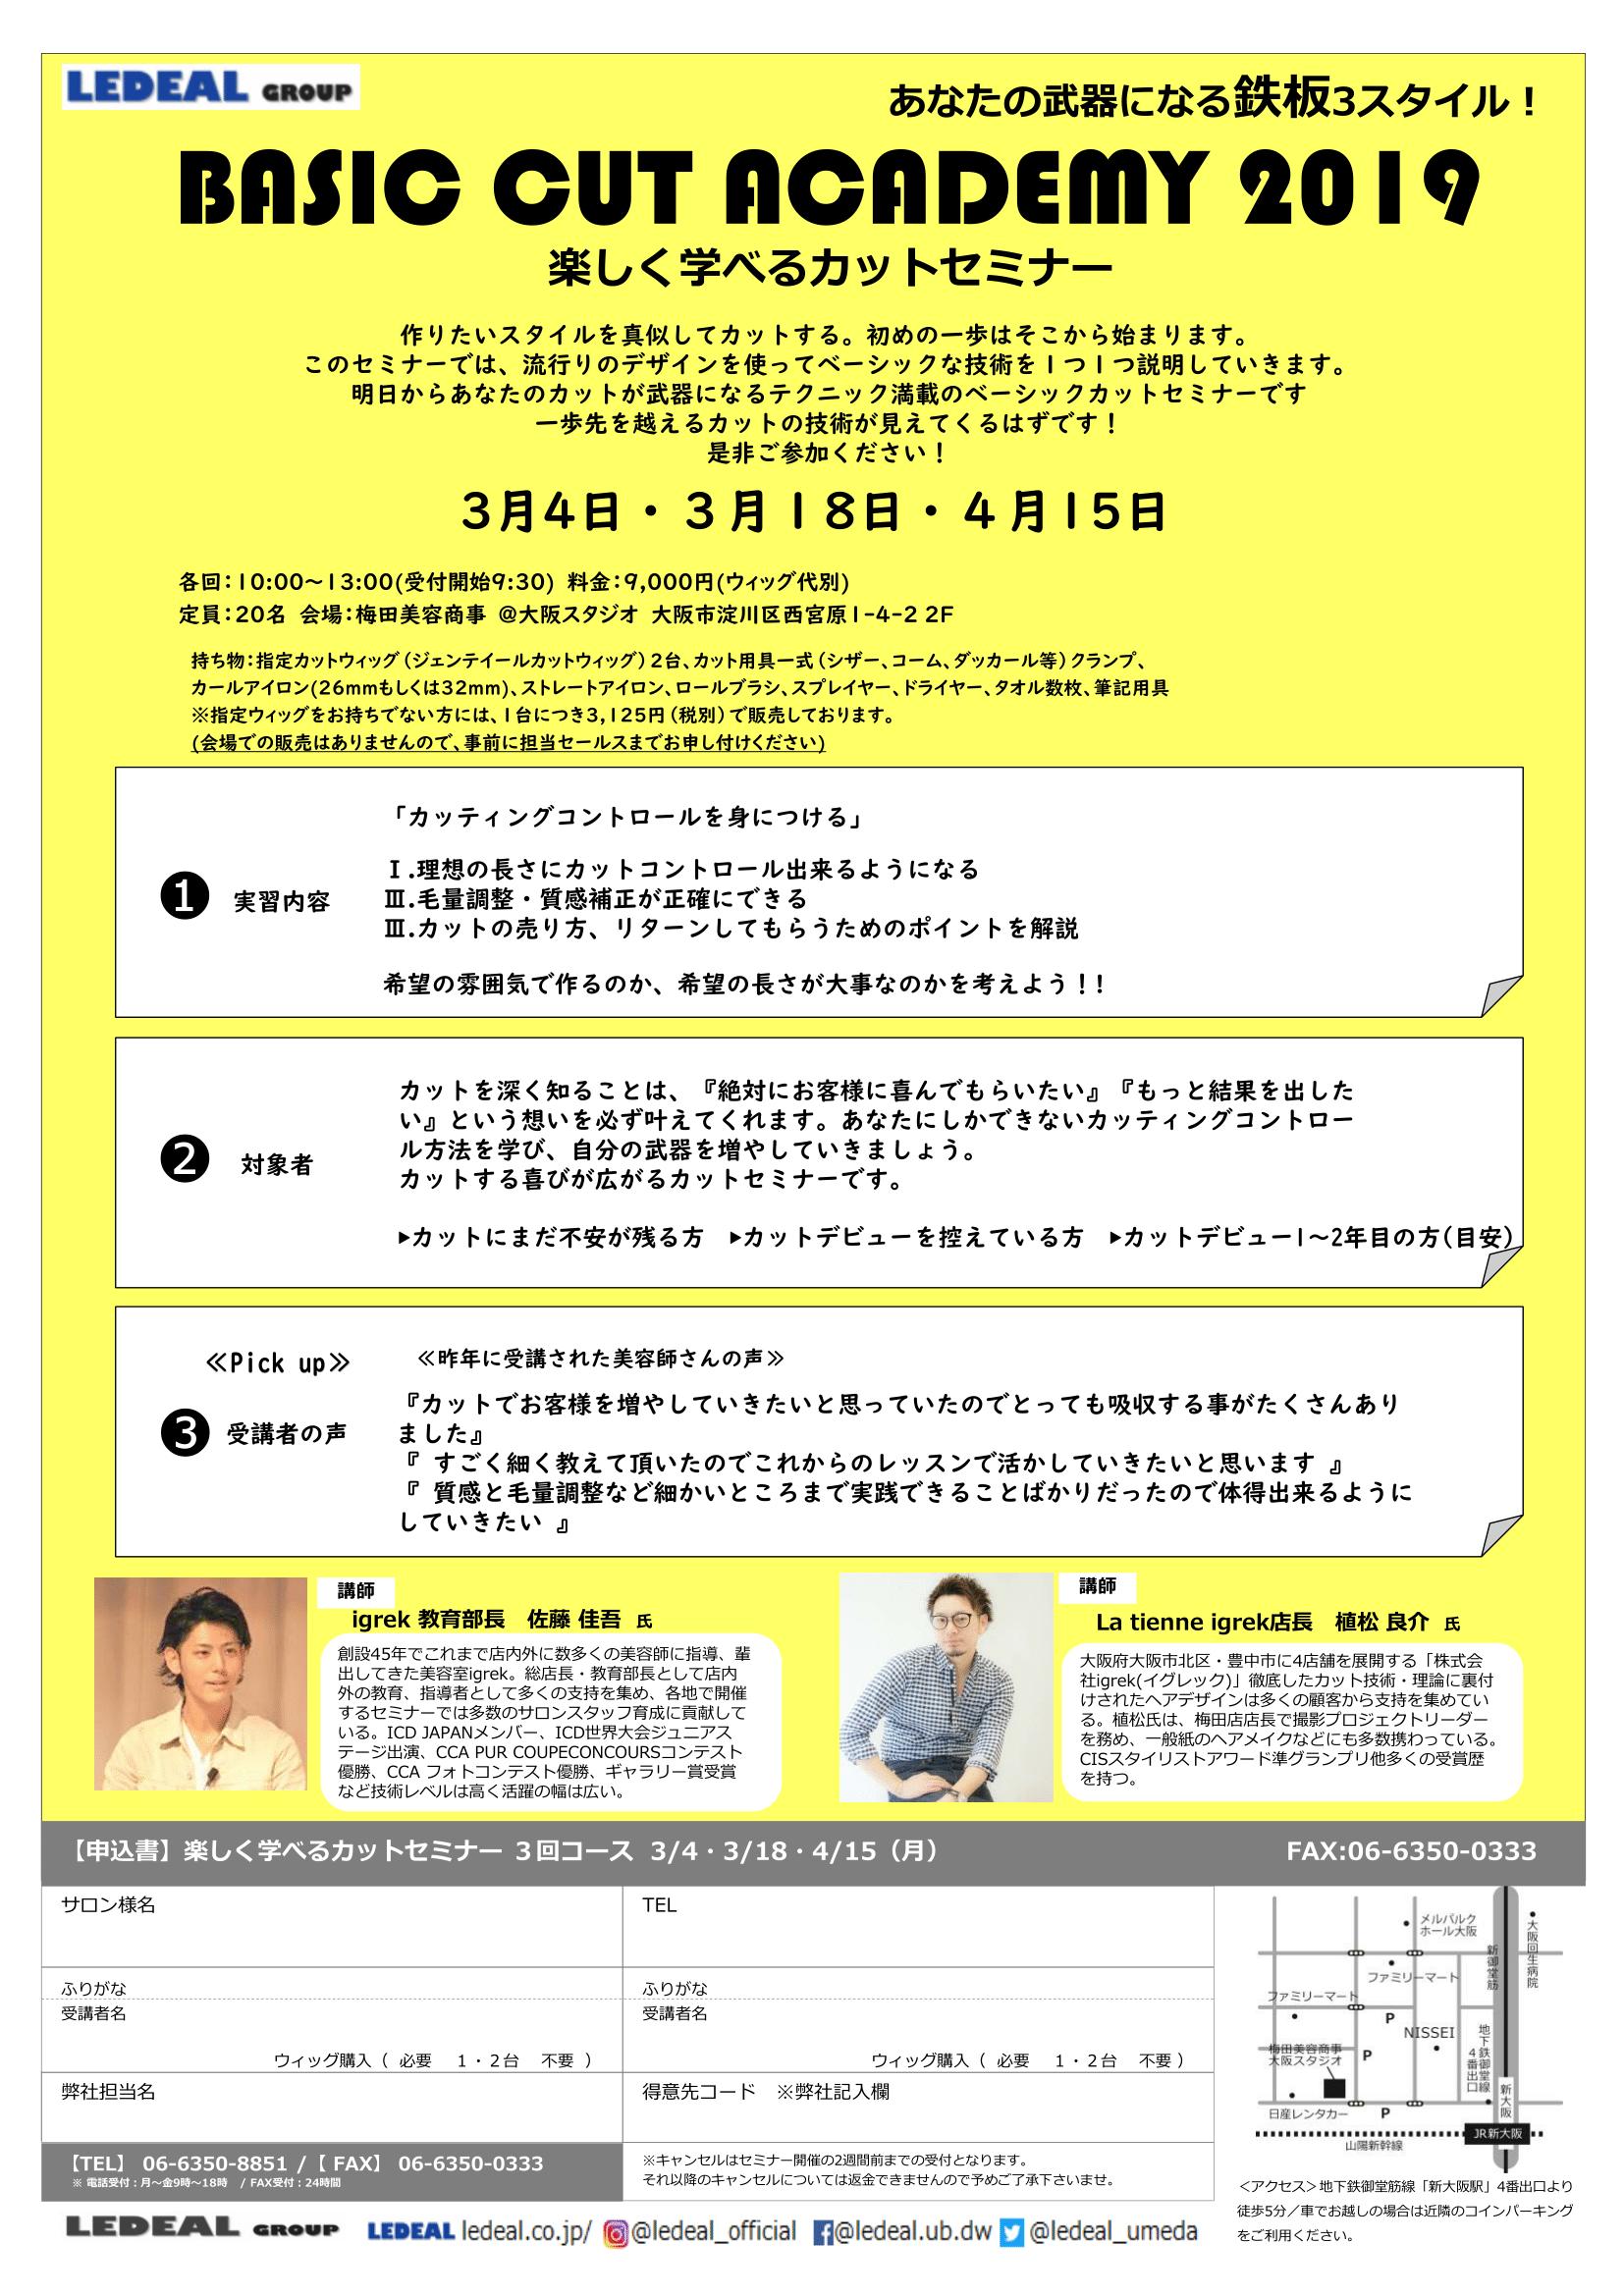 【大阪】ベーシックカットアカデミー 3回コース